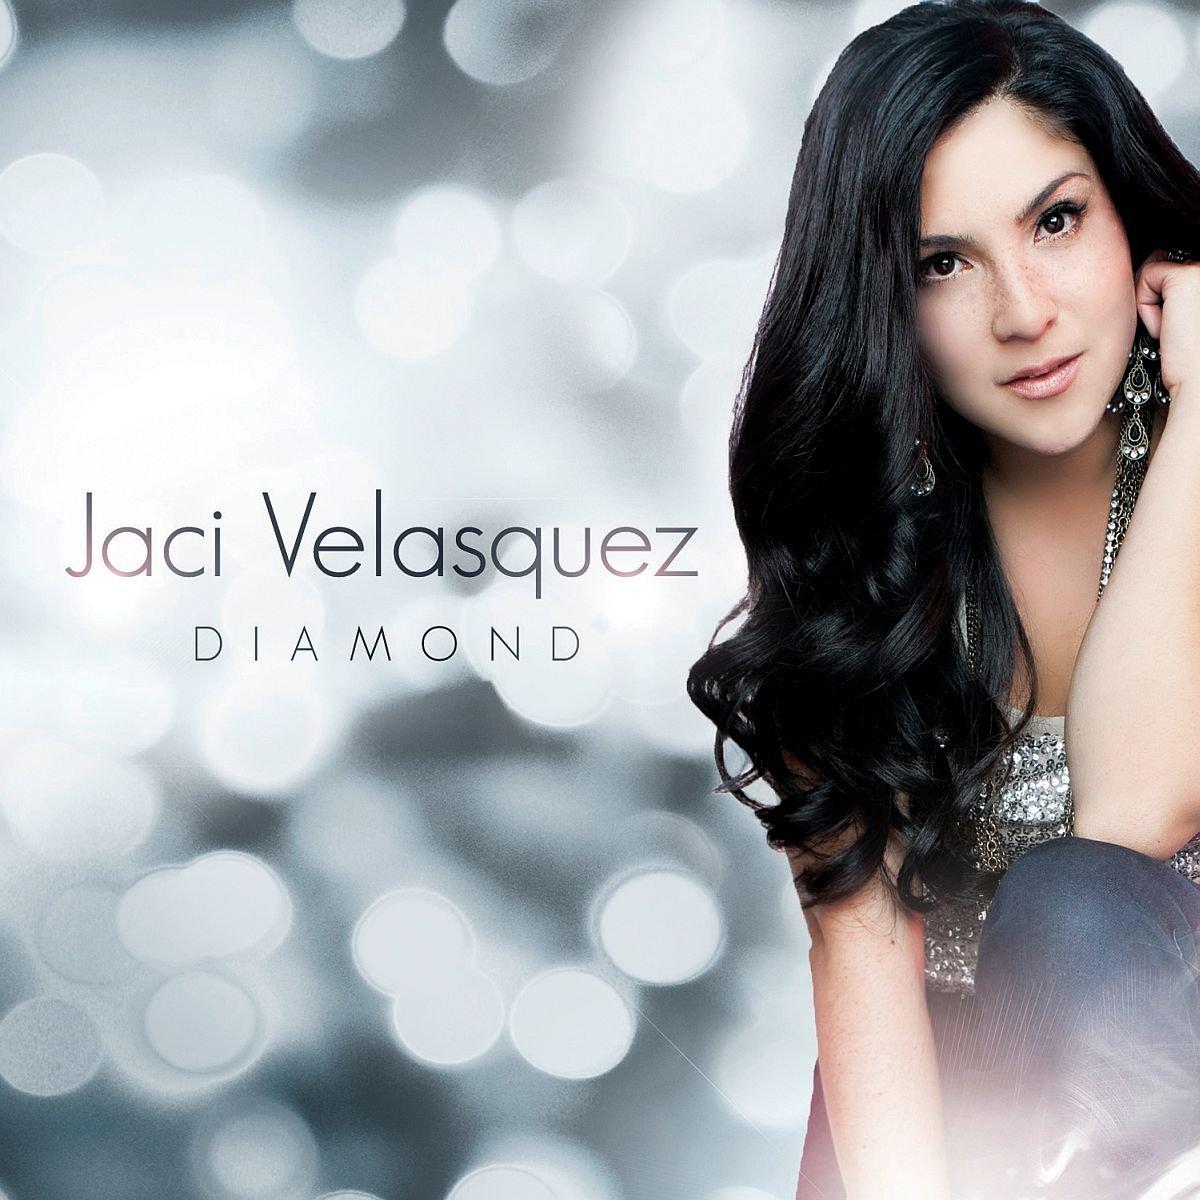 Watch Jaci Velasquez video